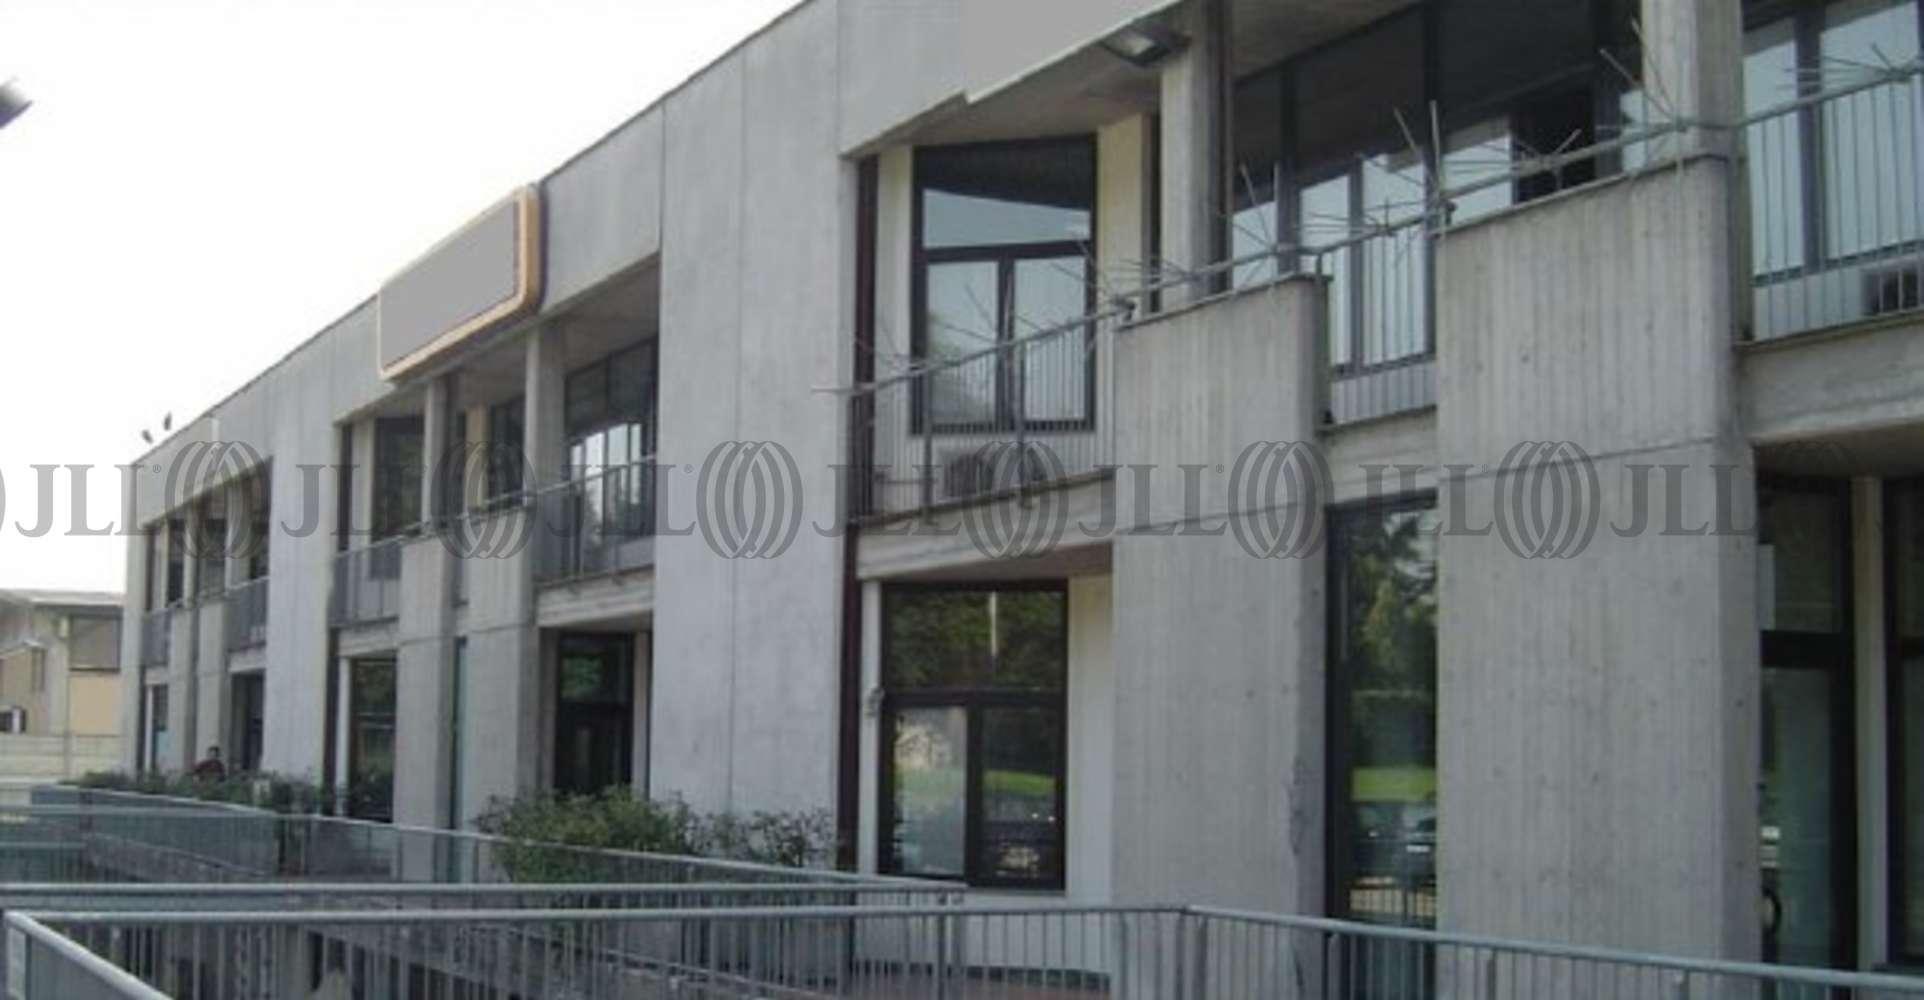 Magazzini industriali e logistici Cambiago, 20040 - Cambiago Via Giotto